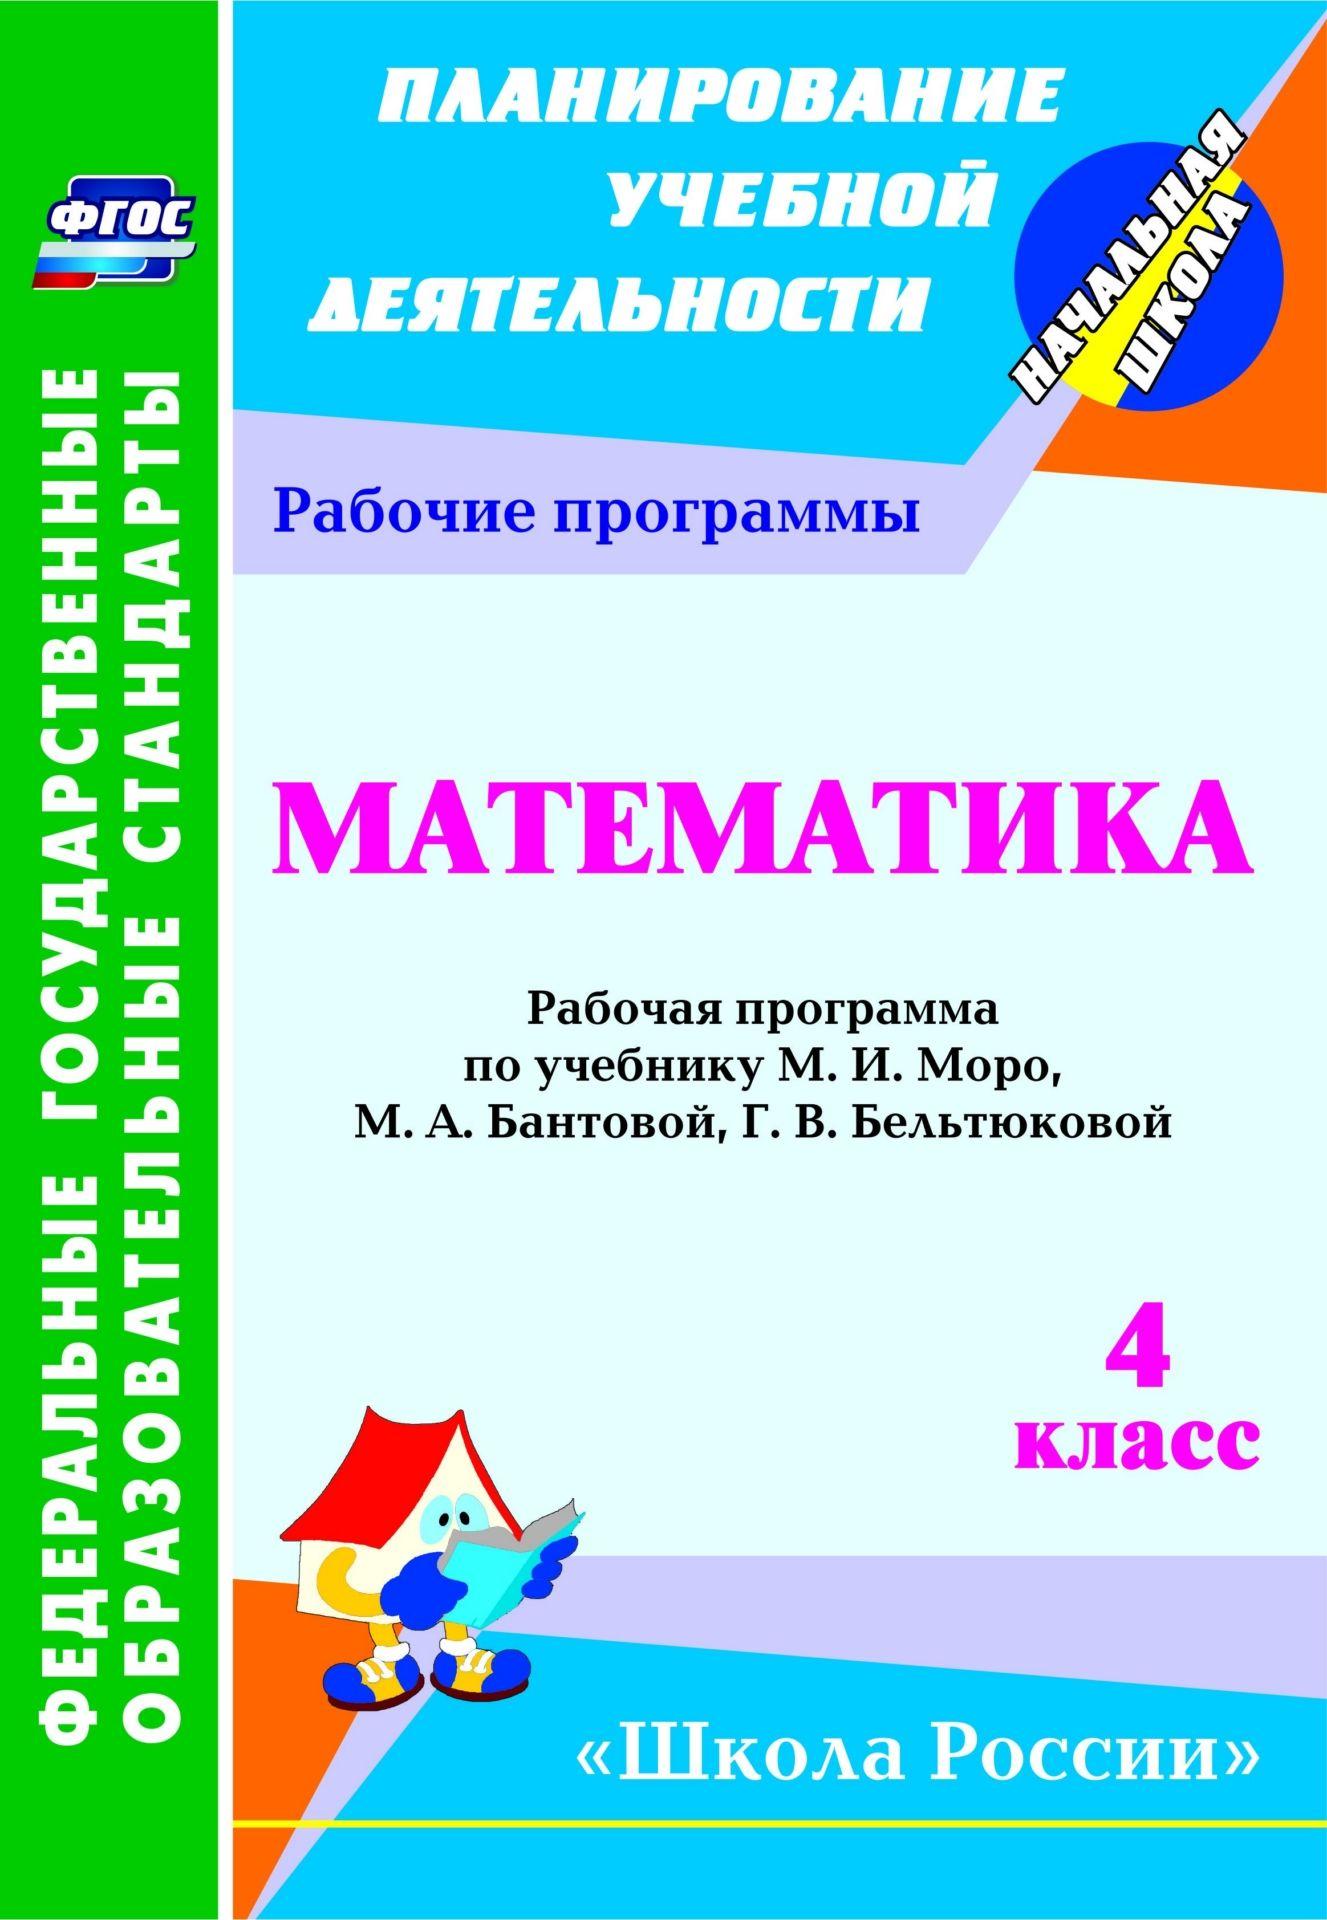 Математика. 4 класс: рабочая программа по учебнику М. И. Моро, М. А. Бантовой, Г. В. БельтюковойПредметы<br>В пособии представлена рабочая программа по математике для 4 класса, разработанная в соответствии с ФГОС НОО, требованиями Примерной образовательной программы ОУ, а также планируемыми результатами начального общего образования и ориентированная на работу ...<br><br>Авторы: Арнгольд И. В.<br>Год: 2015<br>Серия: ФГОС. Планирование учебной деятельности<br>ISBN: 978-5-7057-3741-3<br>Высота: 285<br>Ширина: 197<br>Толщина: 2<br>Переплёт: мягкая, скрепка